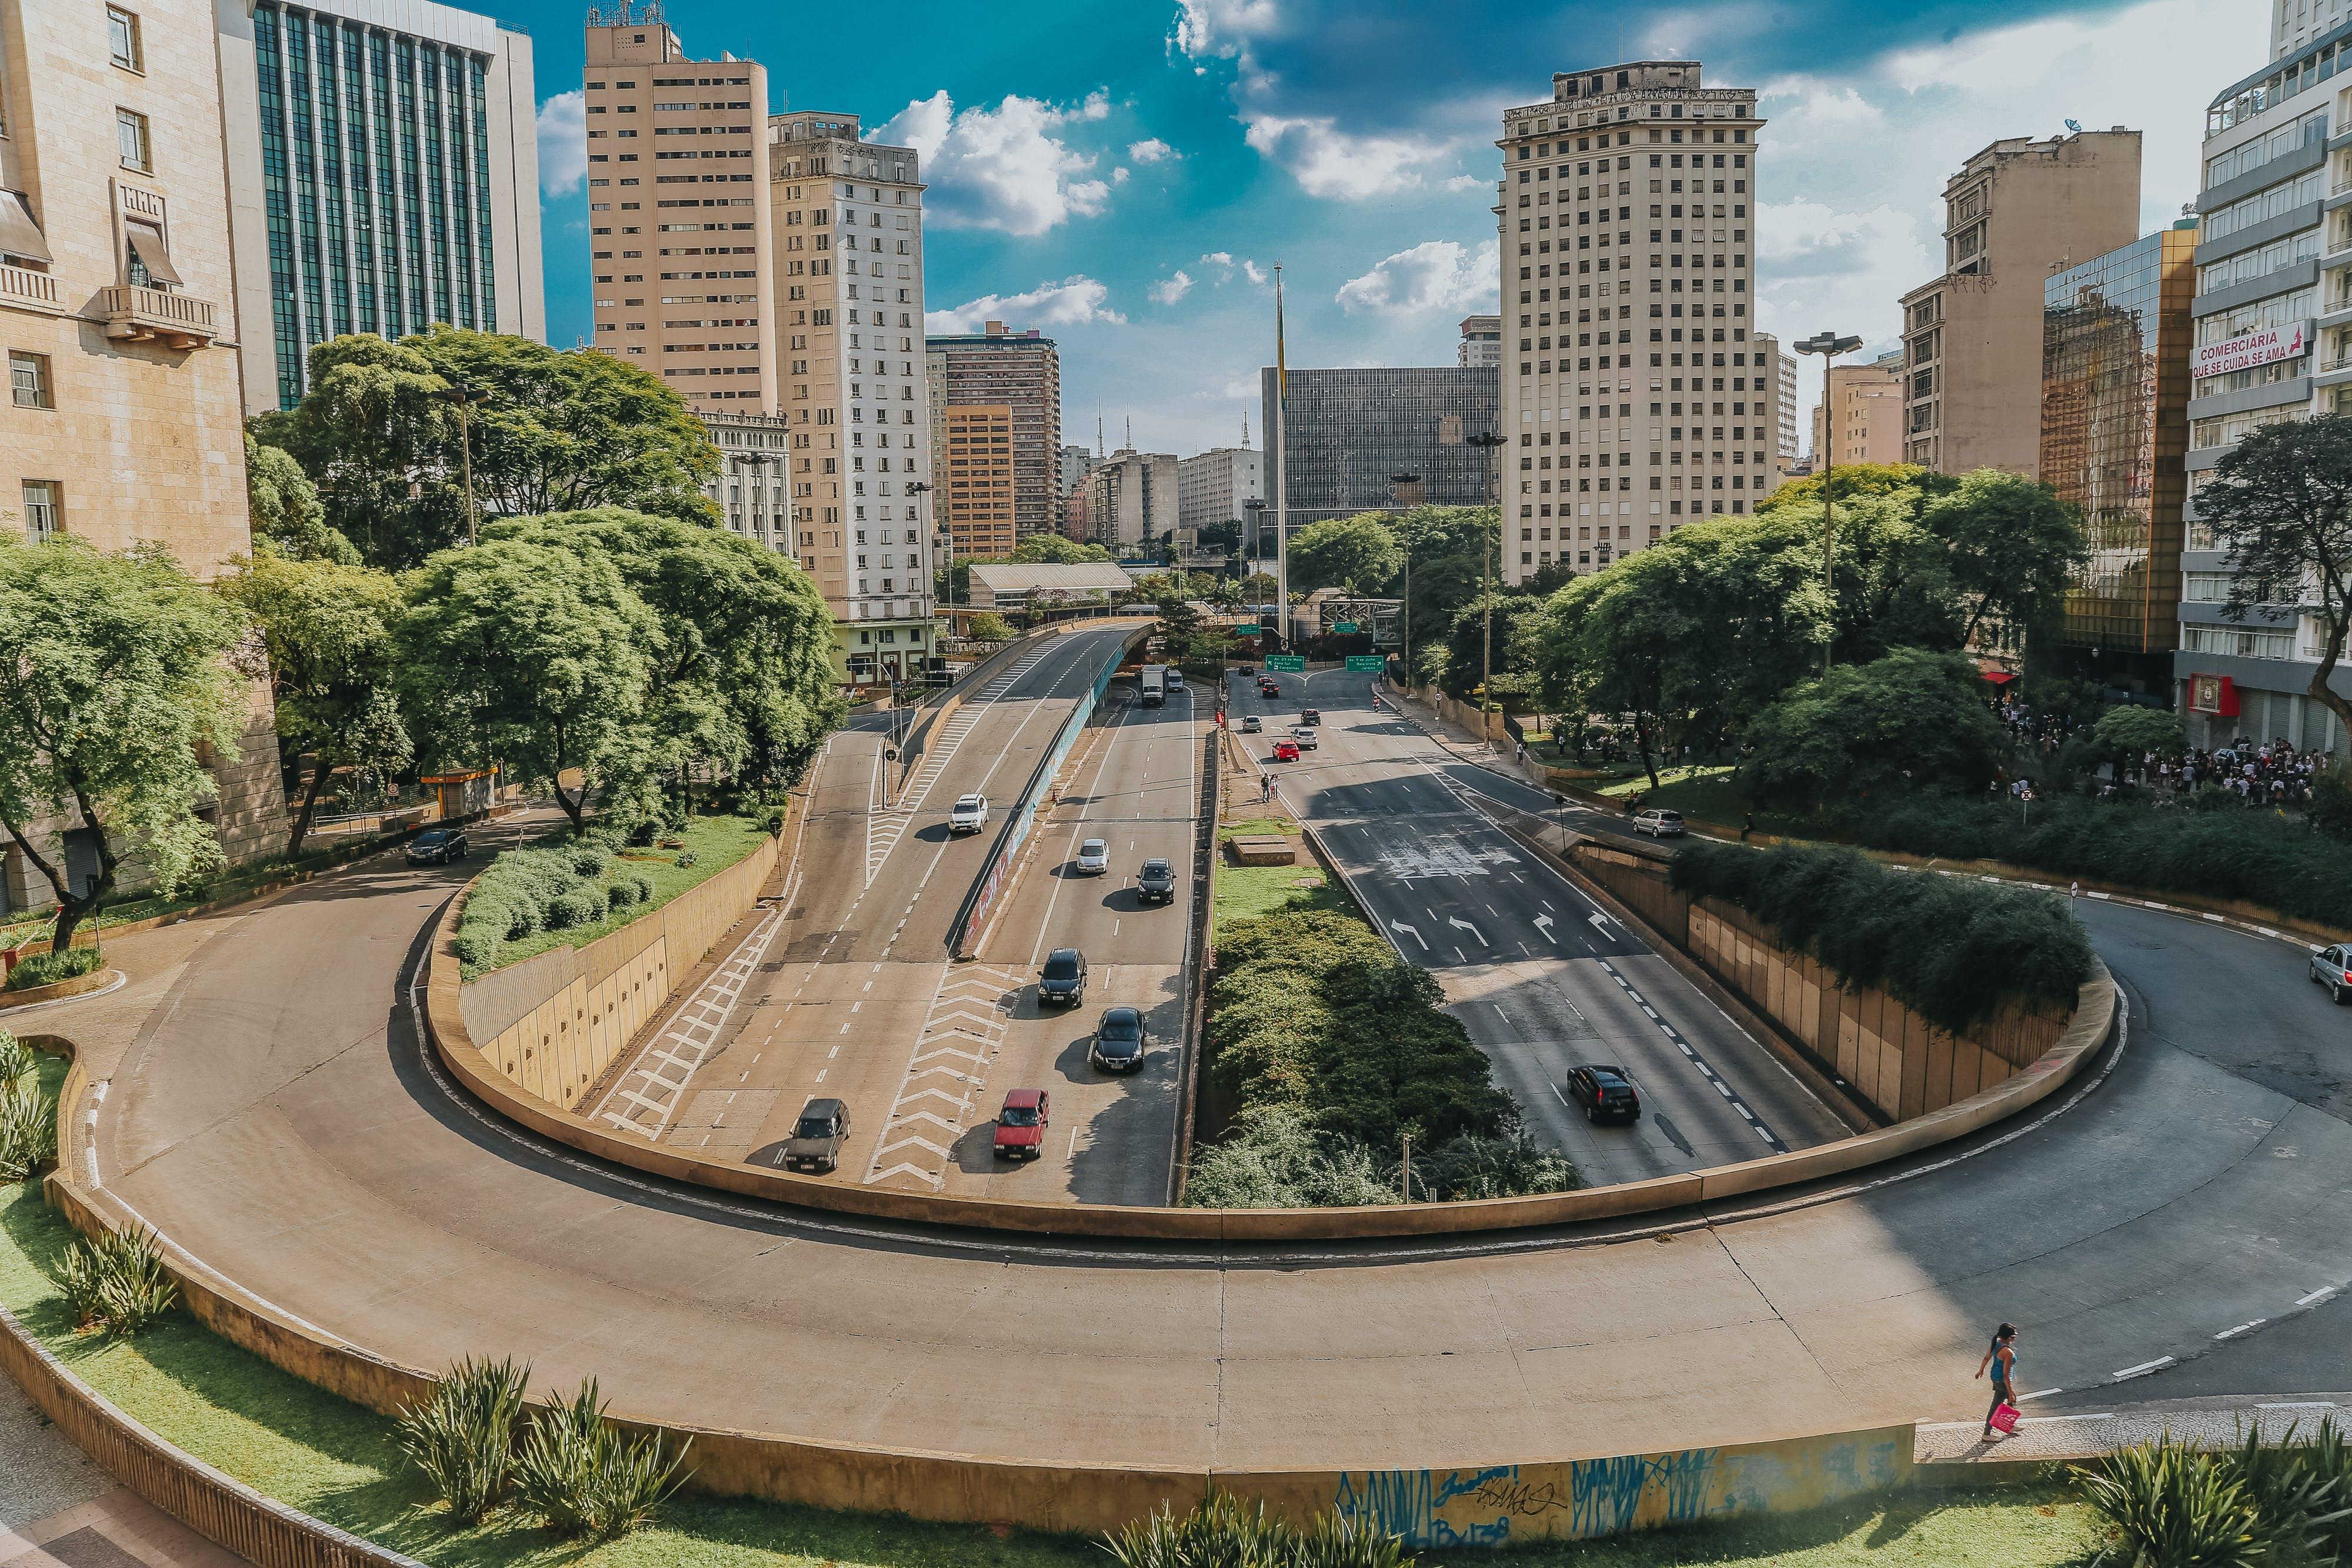 交通系統, 人, 城市, 市中心 的 免費圖庫相片